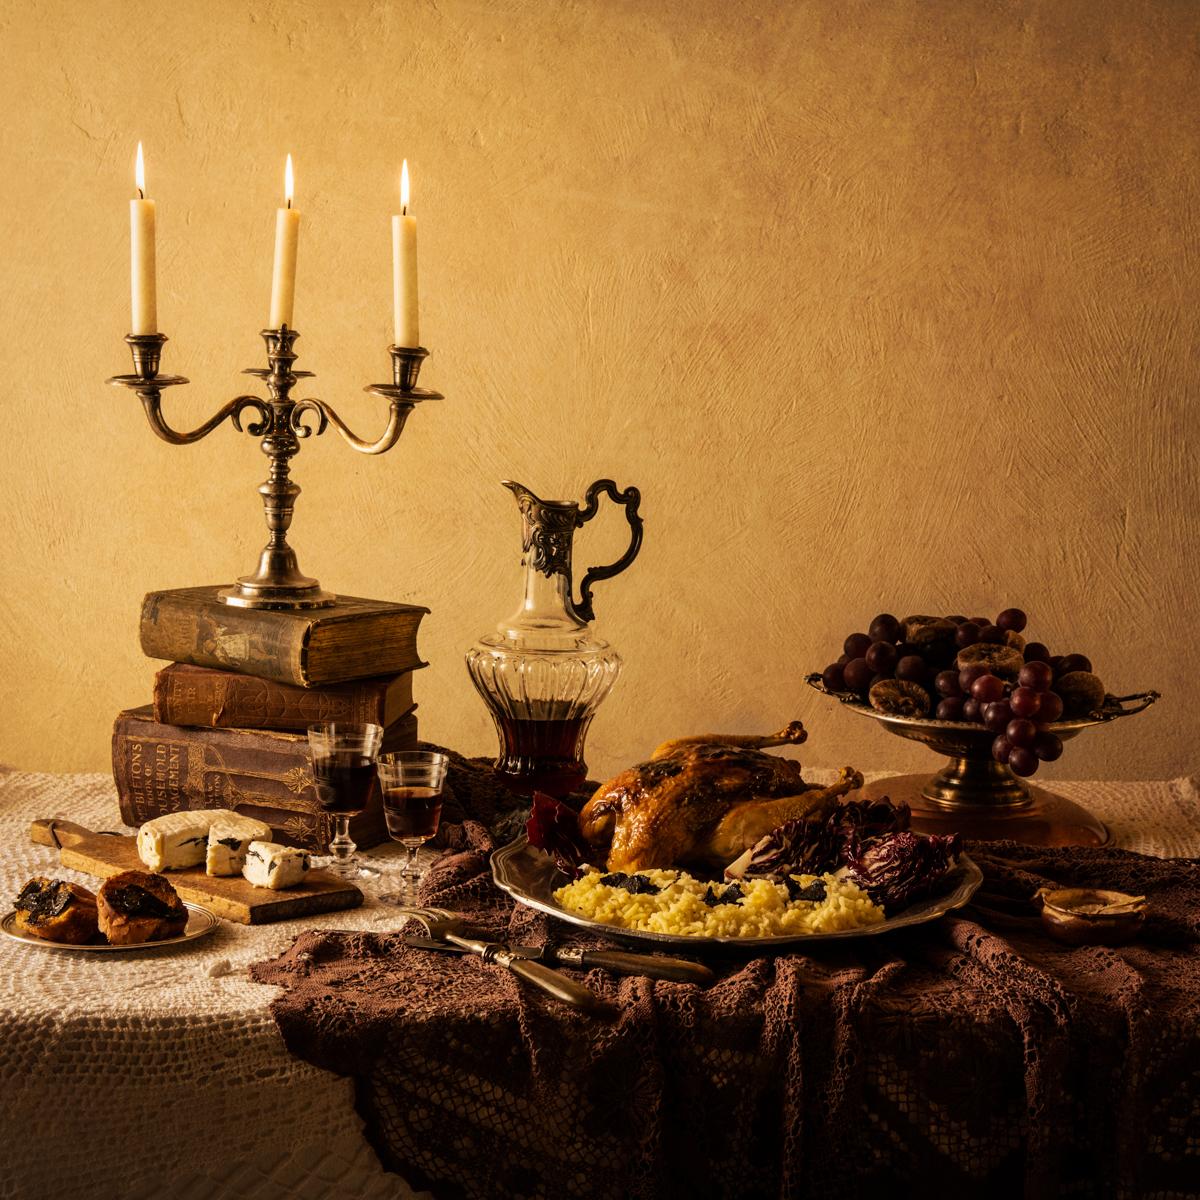 Still life truffle dinner-4.jpg